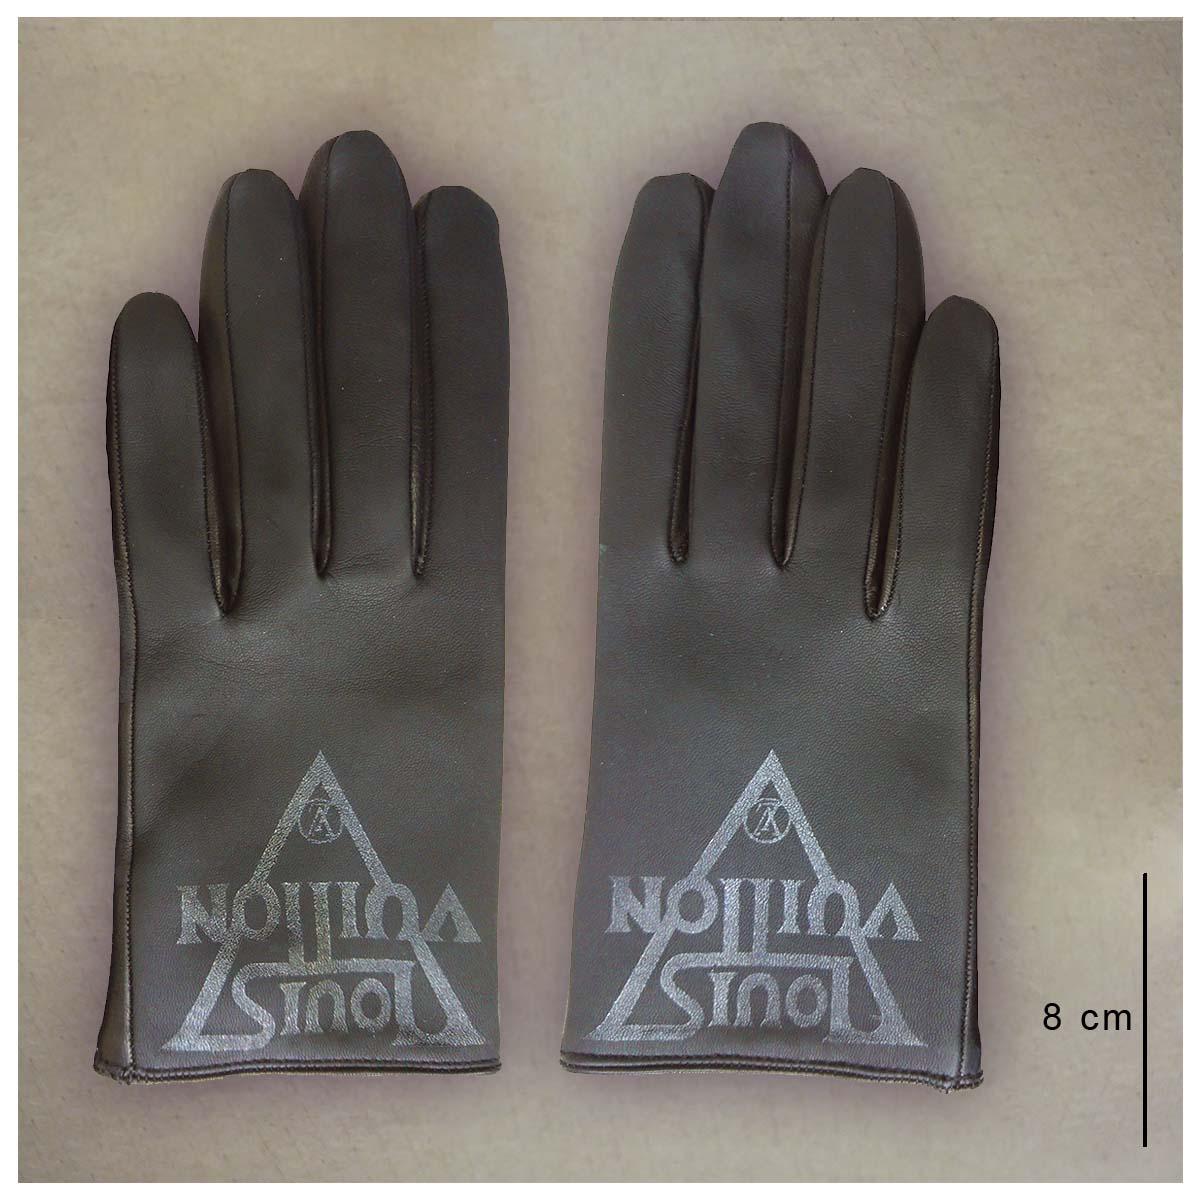 Vuitton, défilé 2019Styliste Nicolas GhesquièreAérographe sur gants de cuir